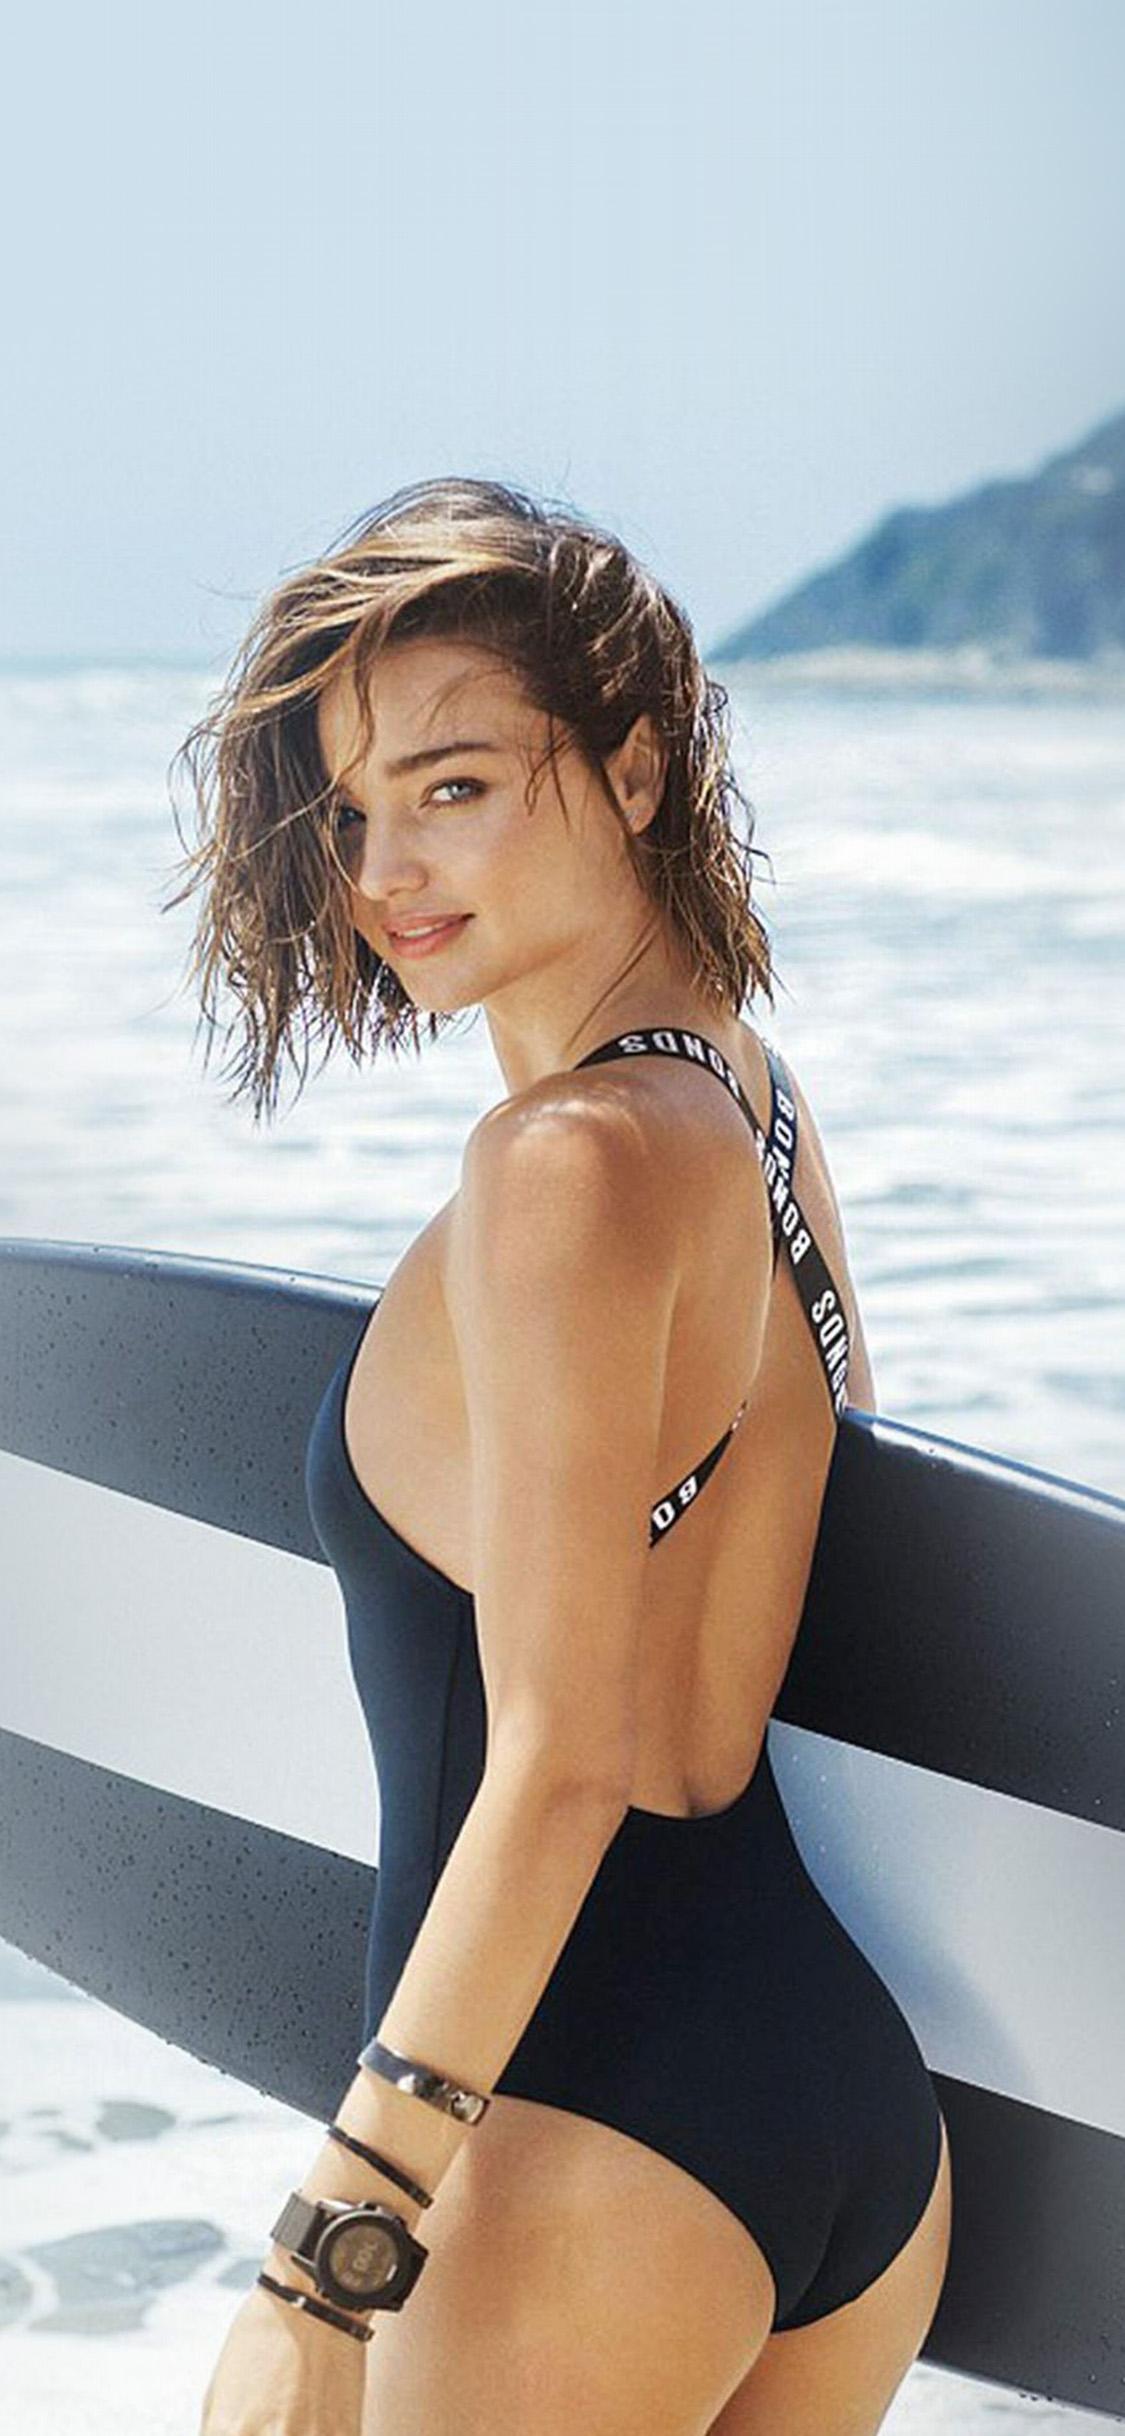 iPhonexpapers.com-Apple-iPhone-wallpaper-hs34-girl-model-miranda-kerr-summer-bikini-beach-sea